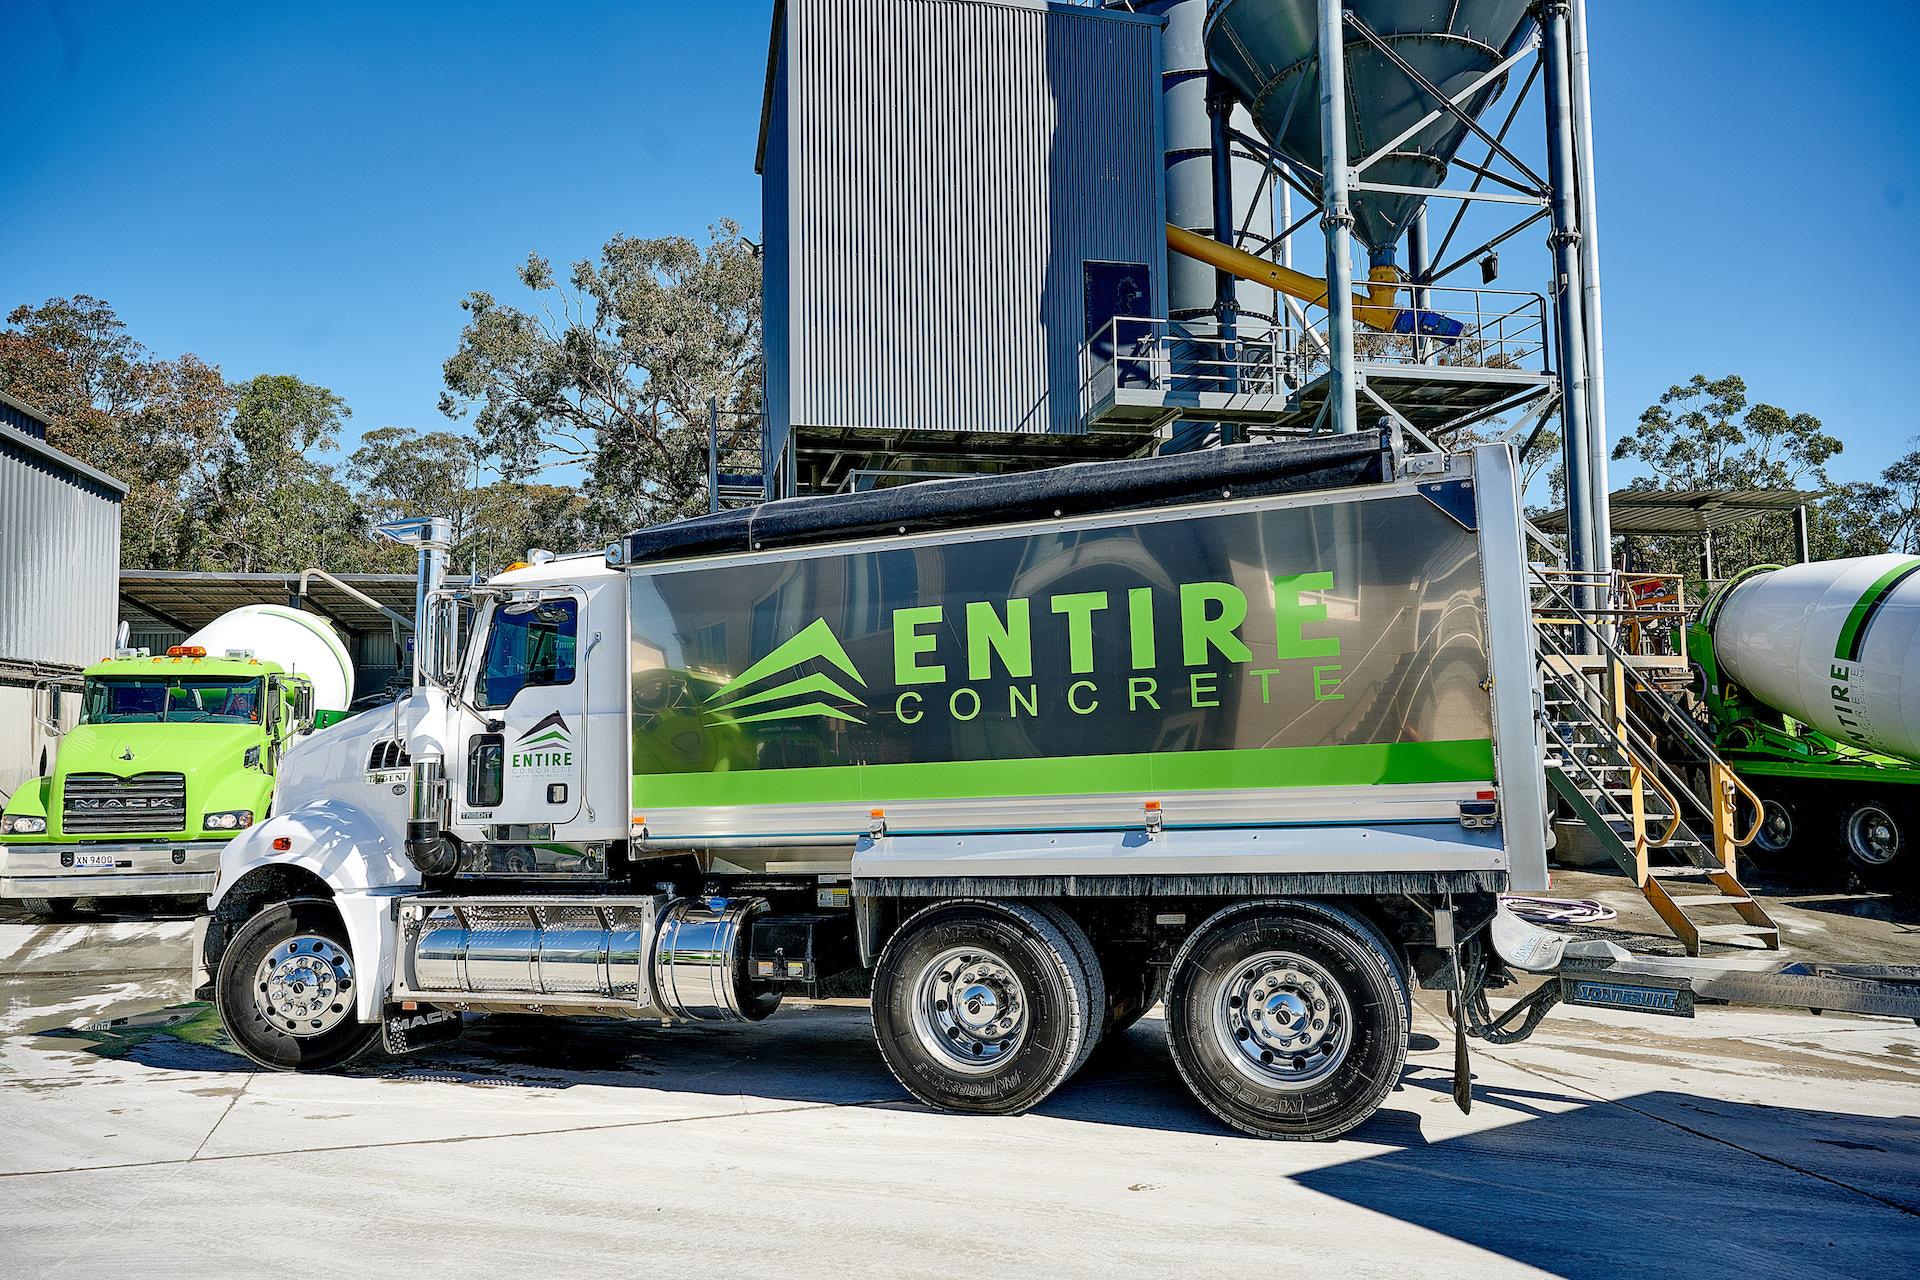 Entire Concrete Truck